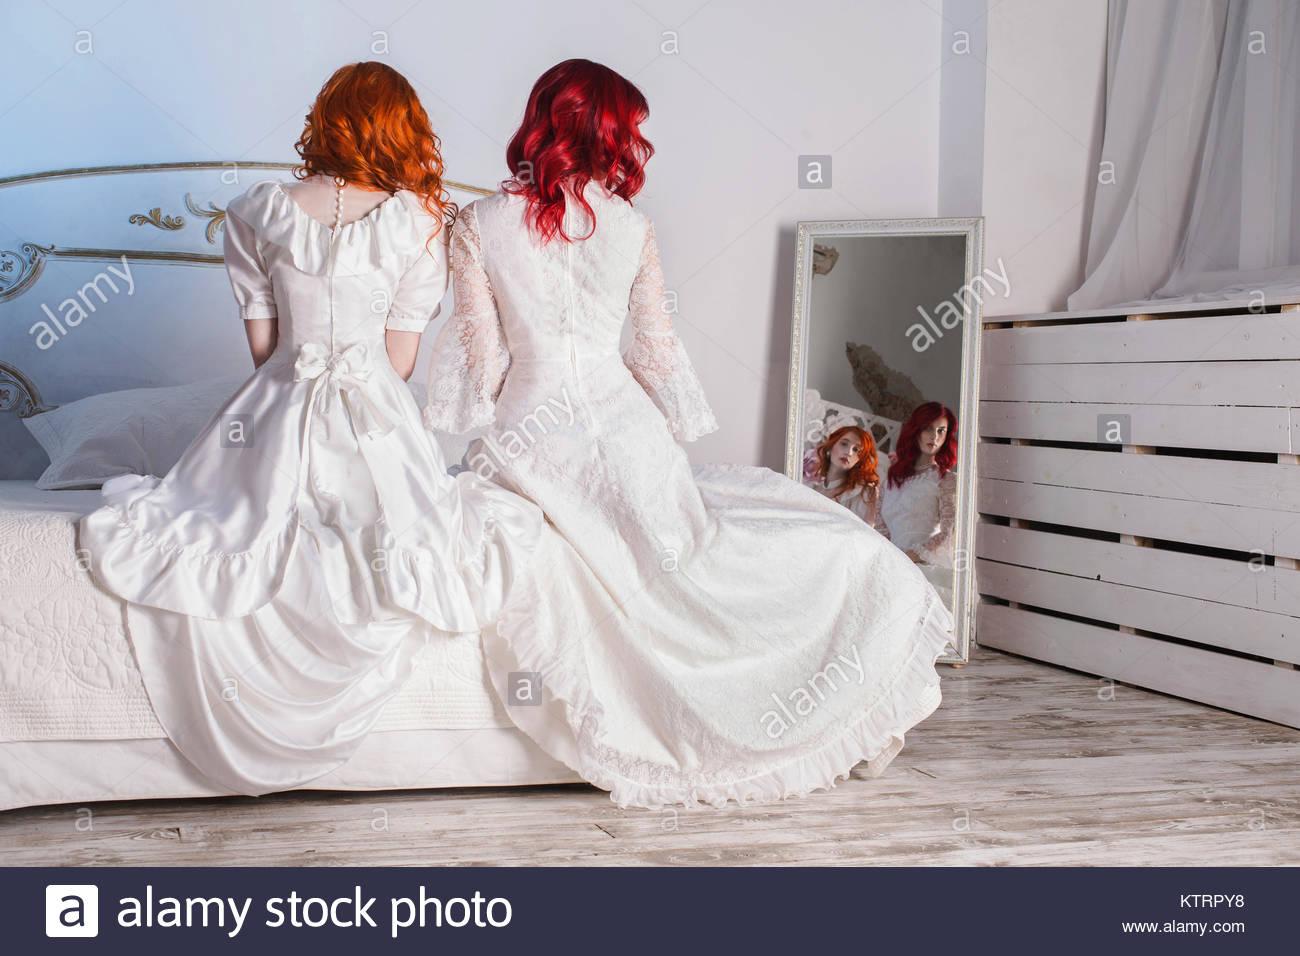 Zwei hübsche Mädchen mit roten Haaren in eine schöne weisse Hochzeit ...